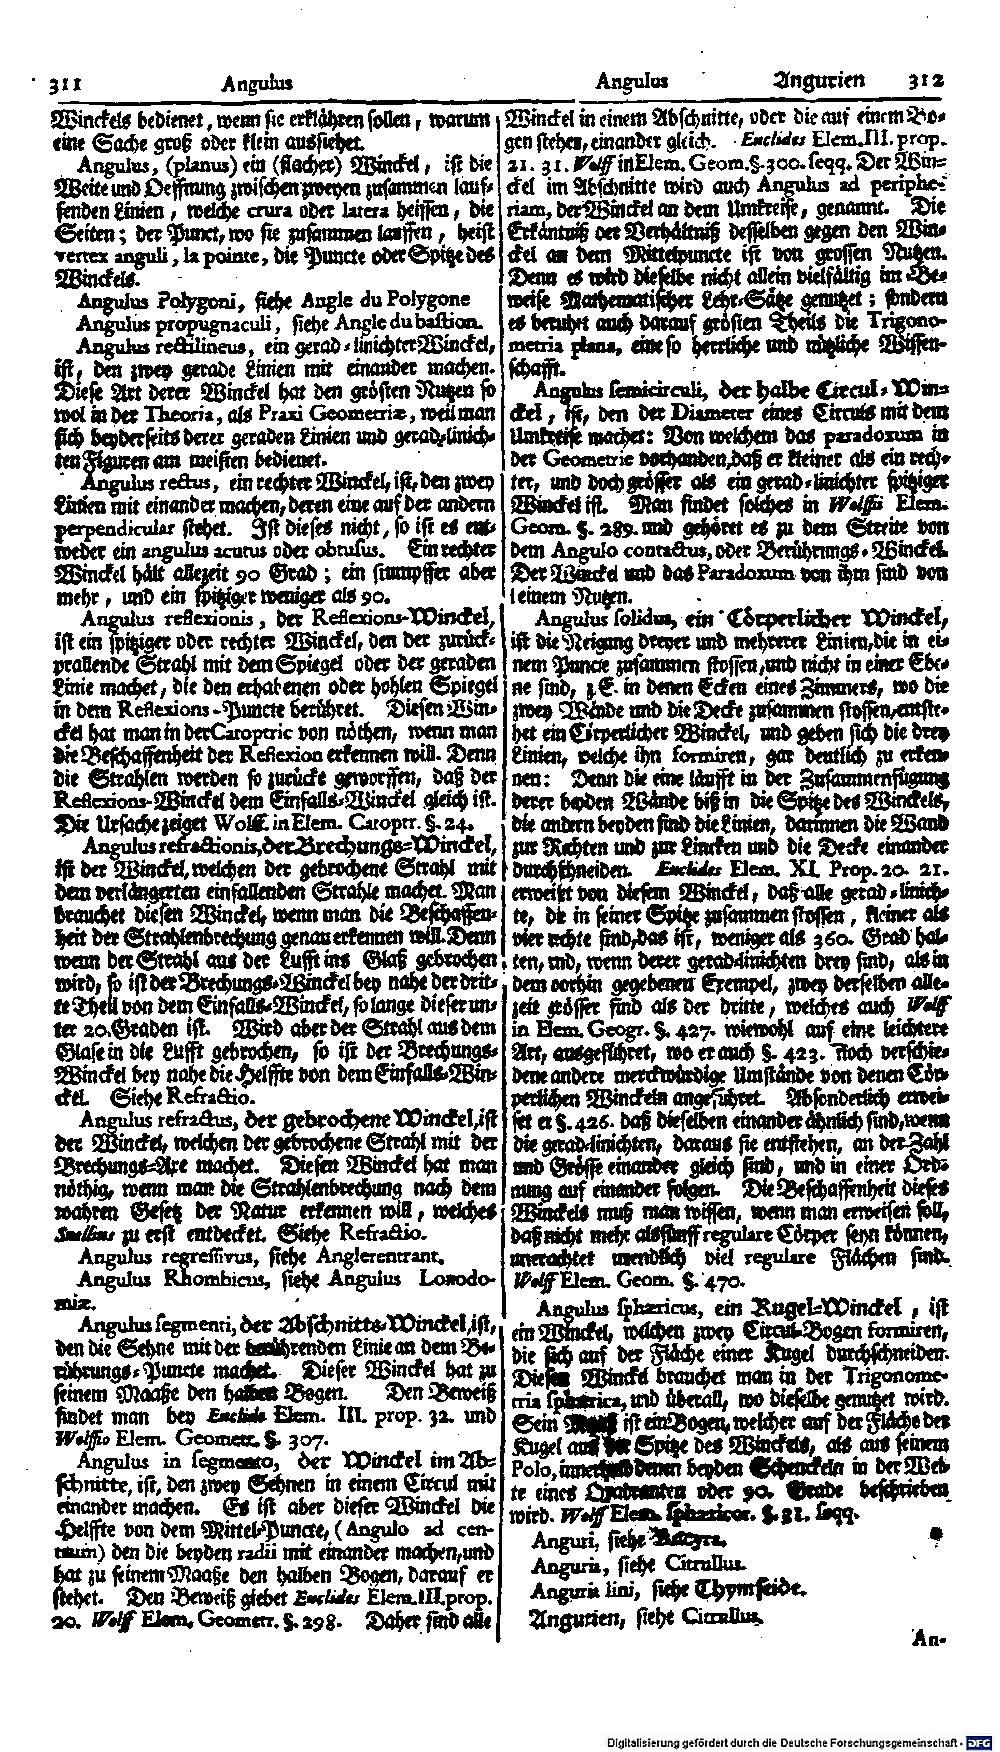 Bd. 02, Seite 0171.